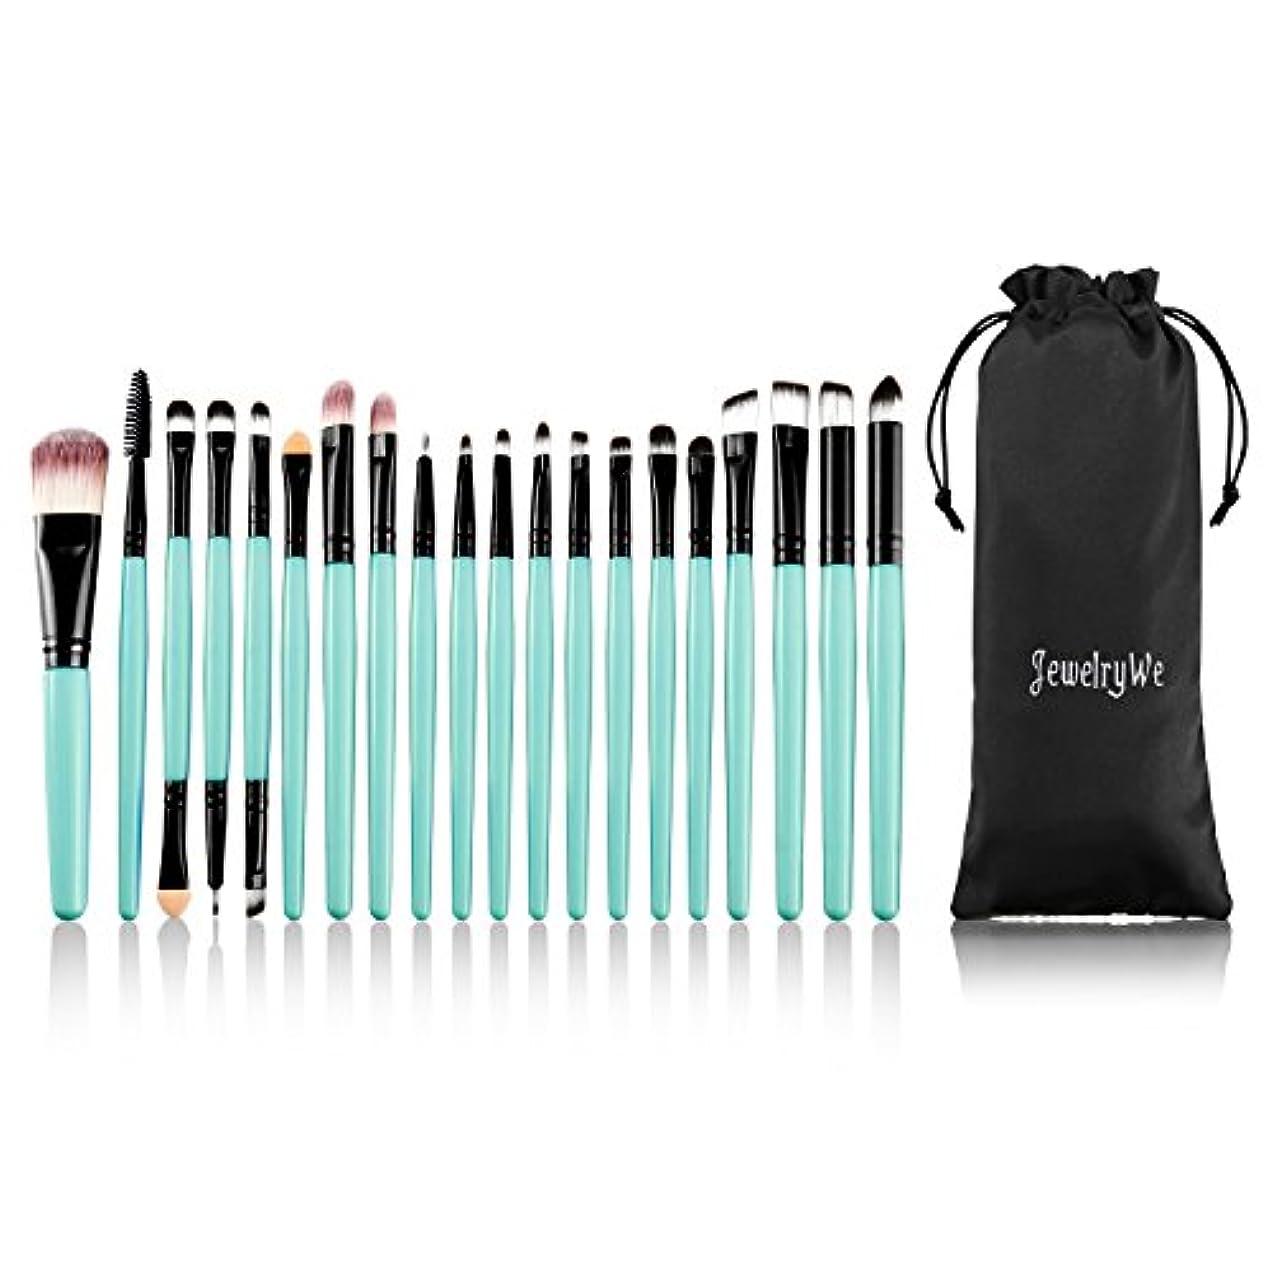 親密なダースそこからJewelryWe (20本セット)メイクブラシ 化粧筆 高級化粧ブラシセット 収納ポーチ付き 持ち運び 便利-[グリーン]